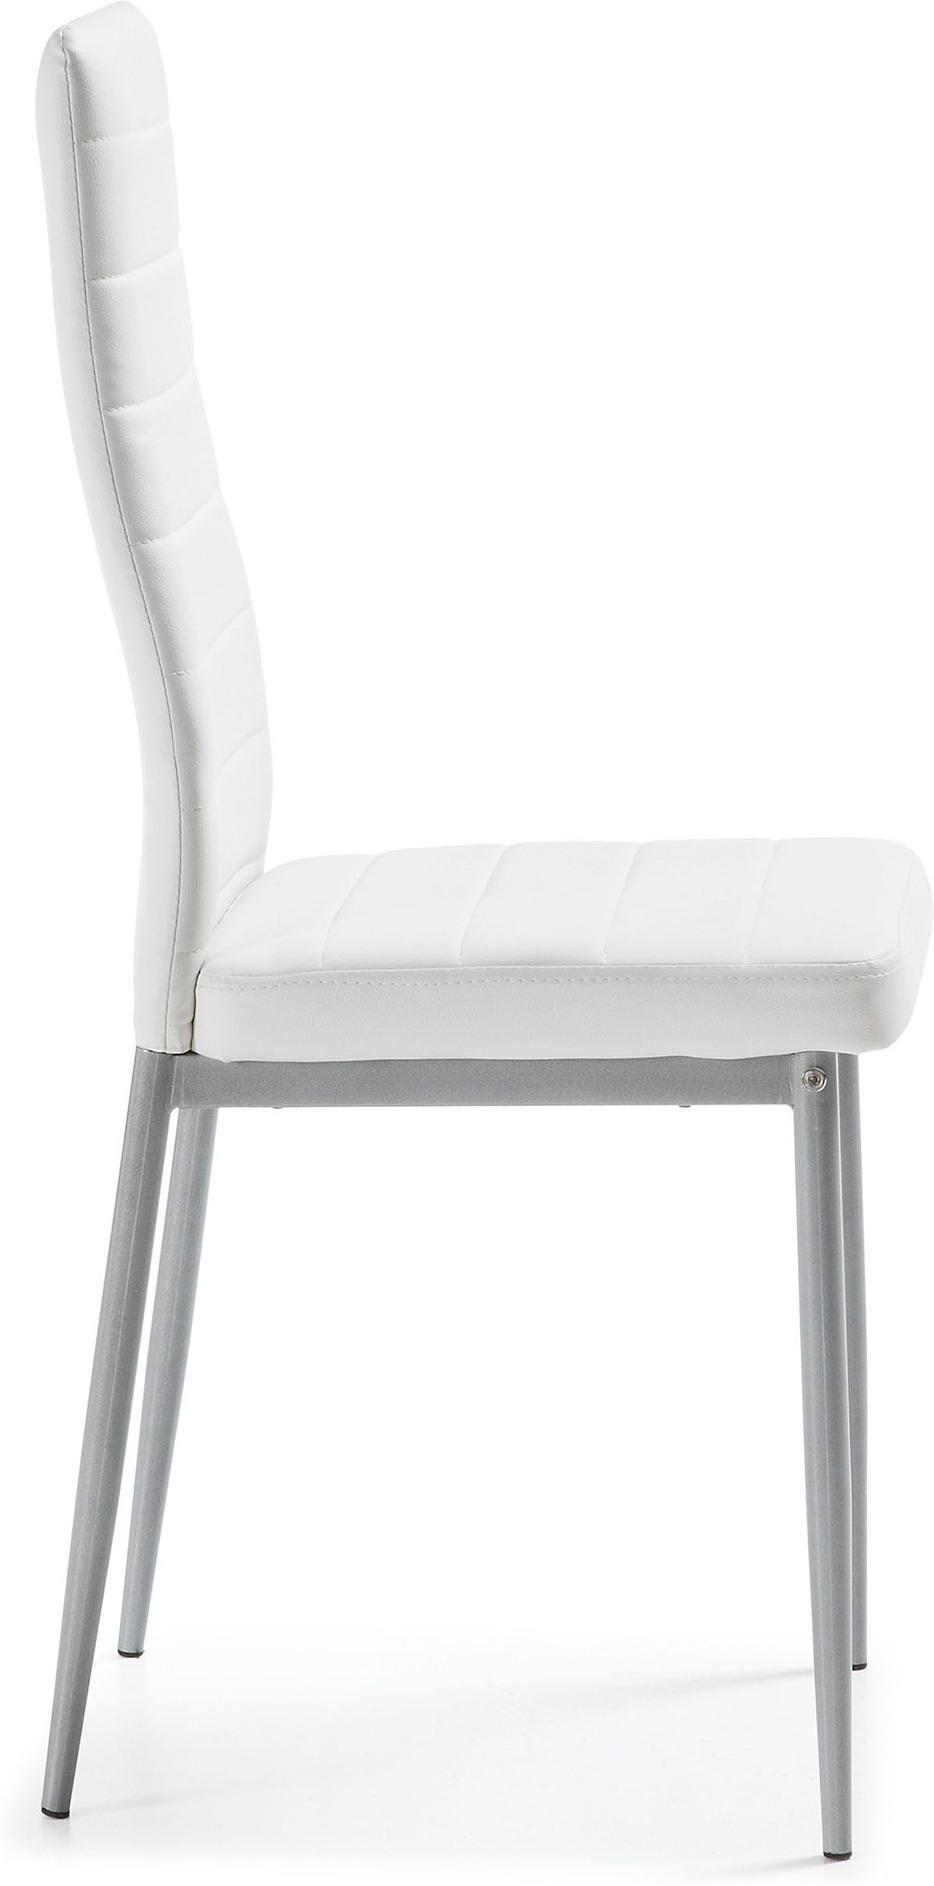 stuhl breef grau wei kunststoff la forma kaufen wohn und. Black Bedroom Furniture Sets. Home Design Ideas